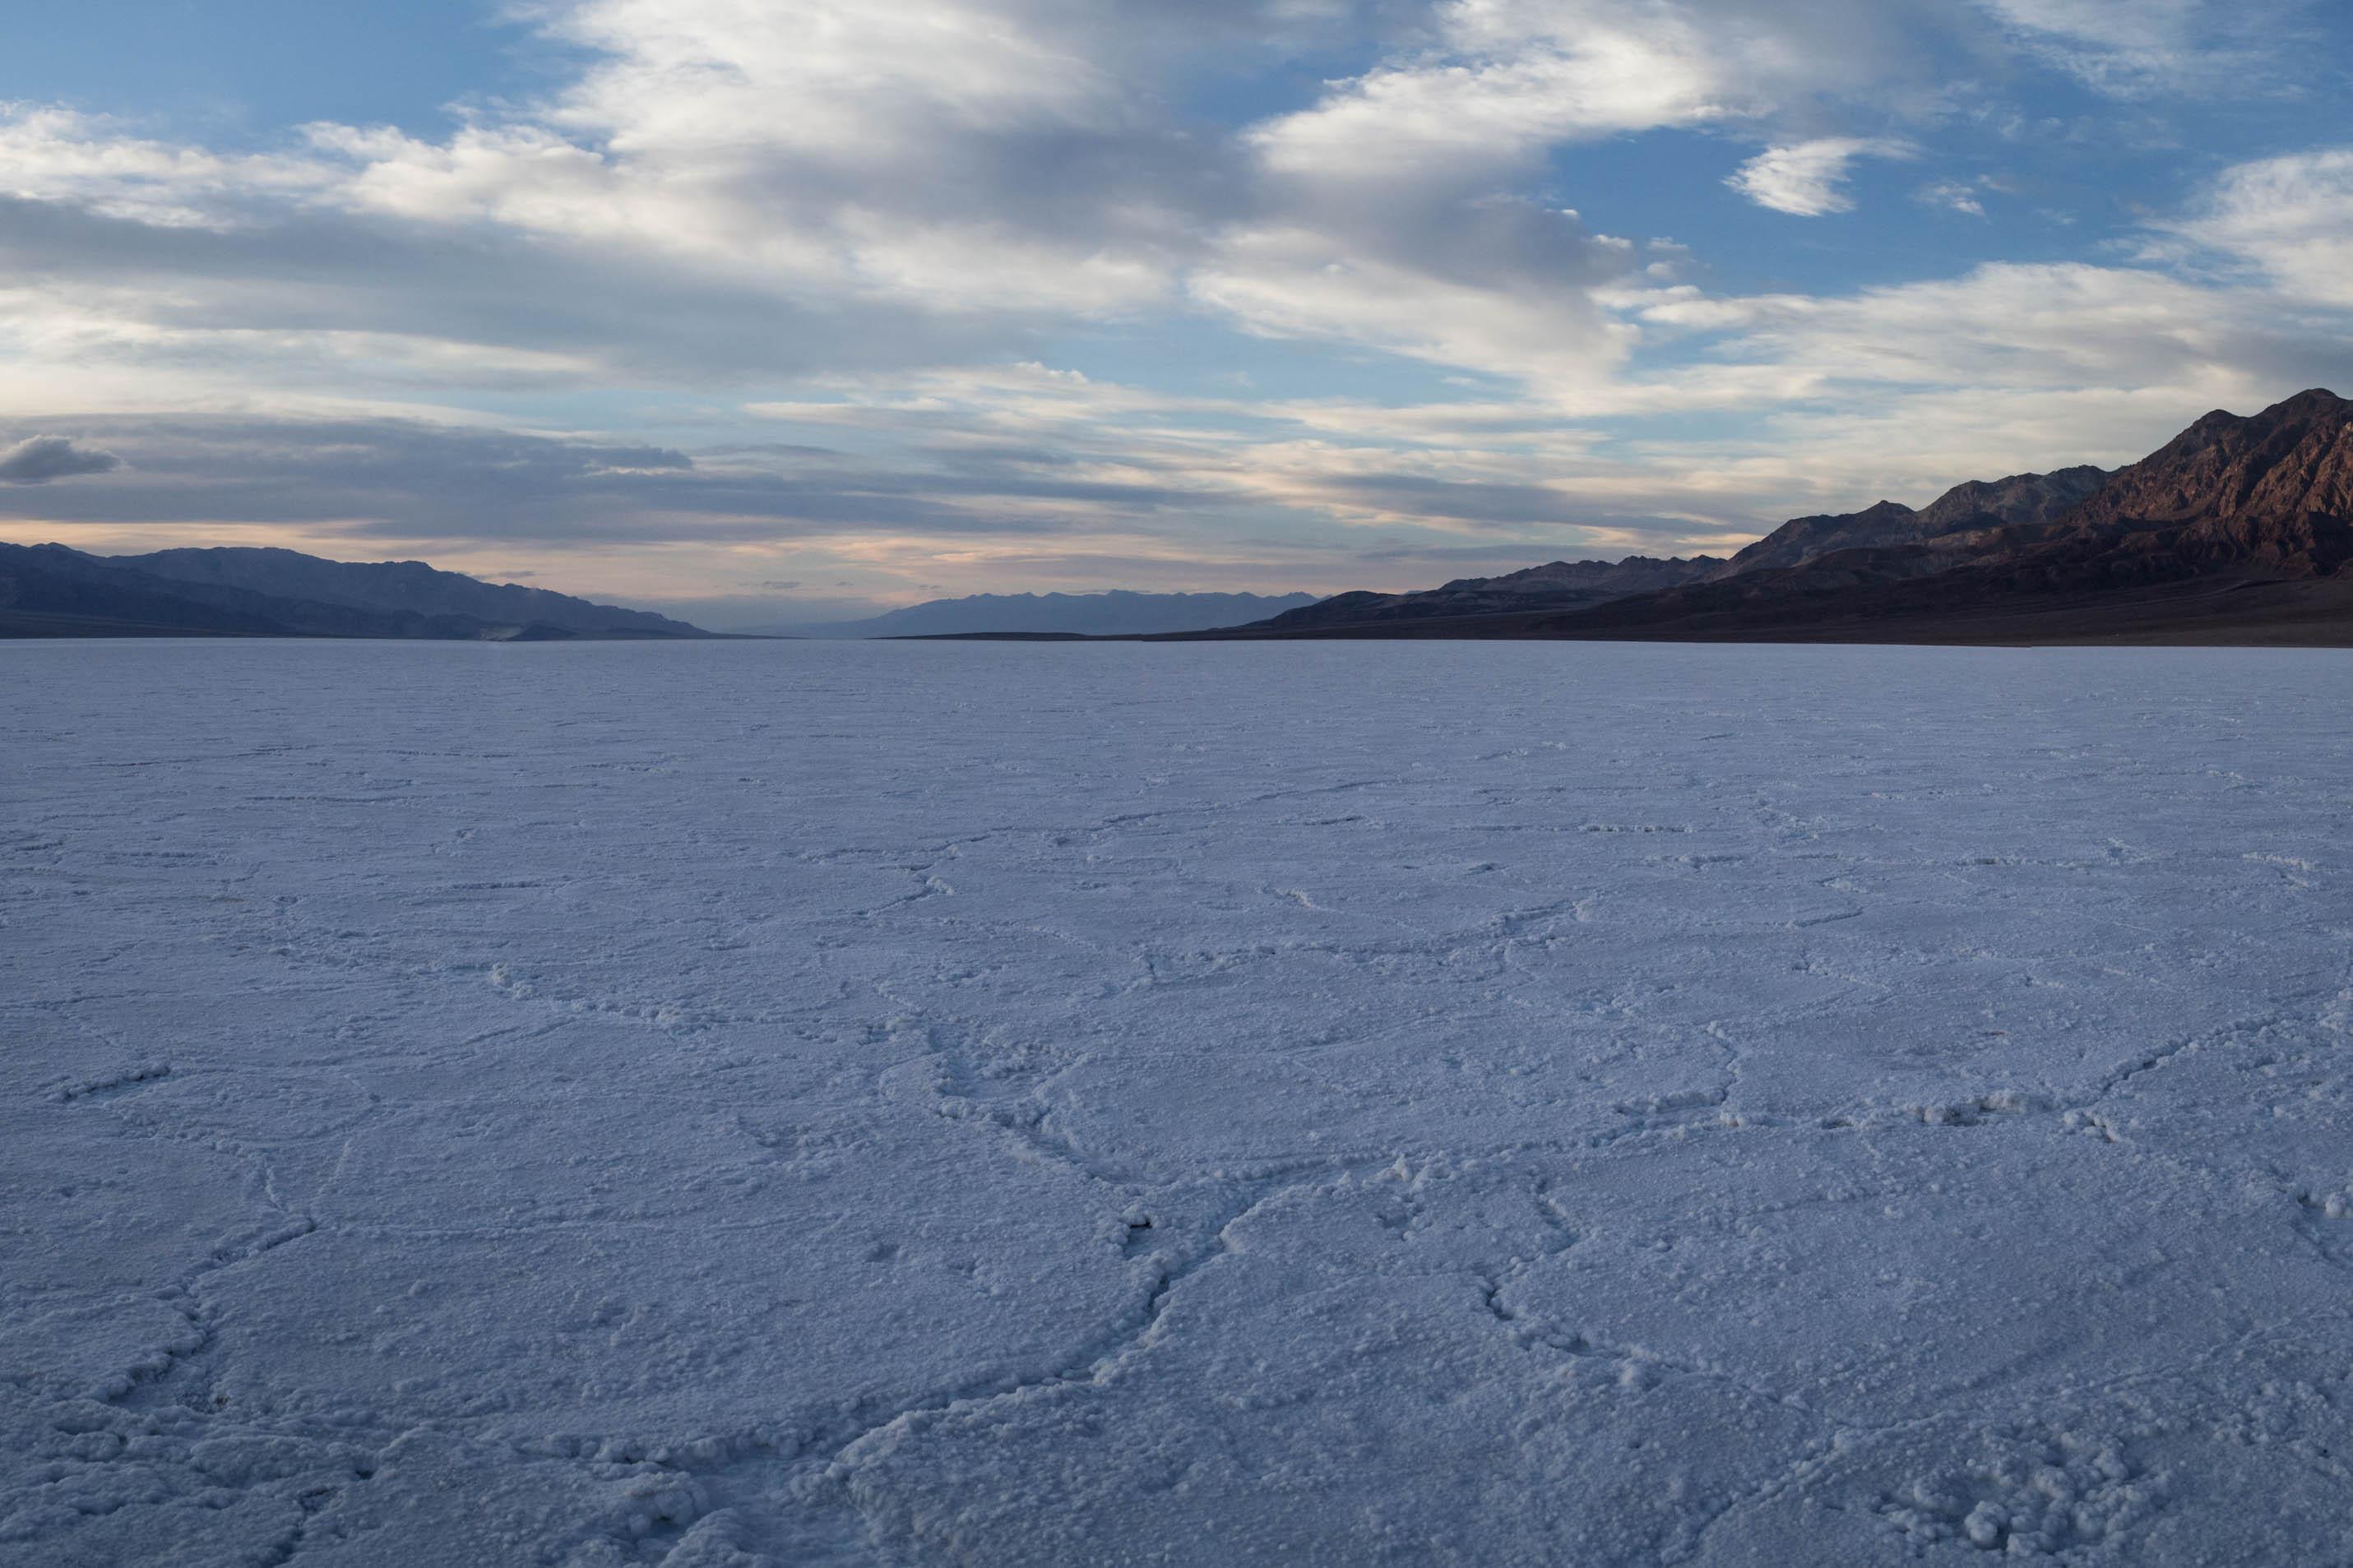 Badwater, le célèbre désert de sel situé à 86m sous le niveau de la mer